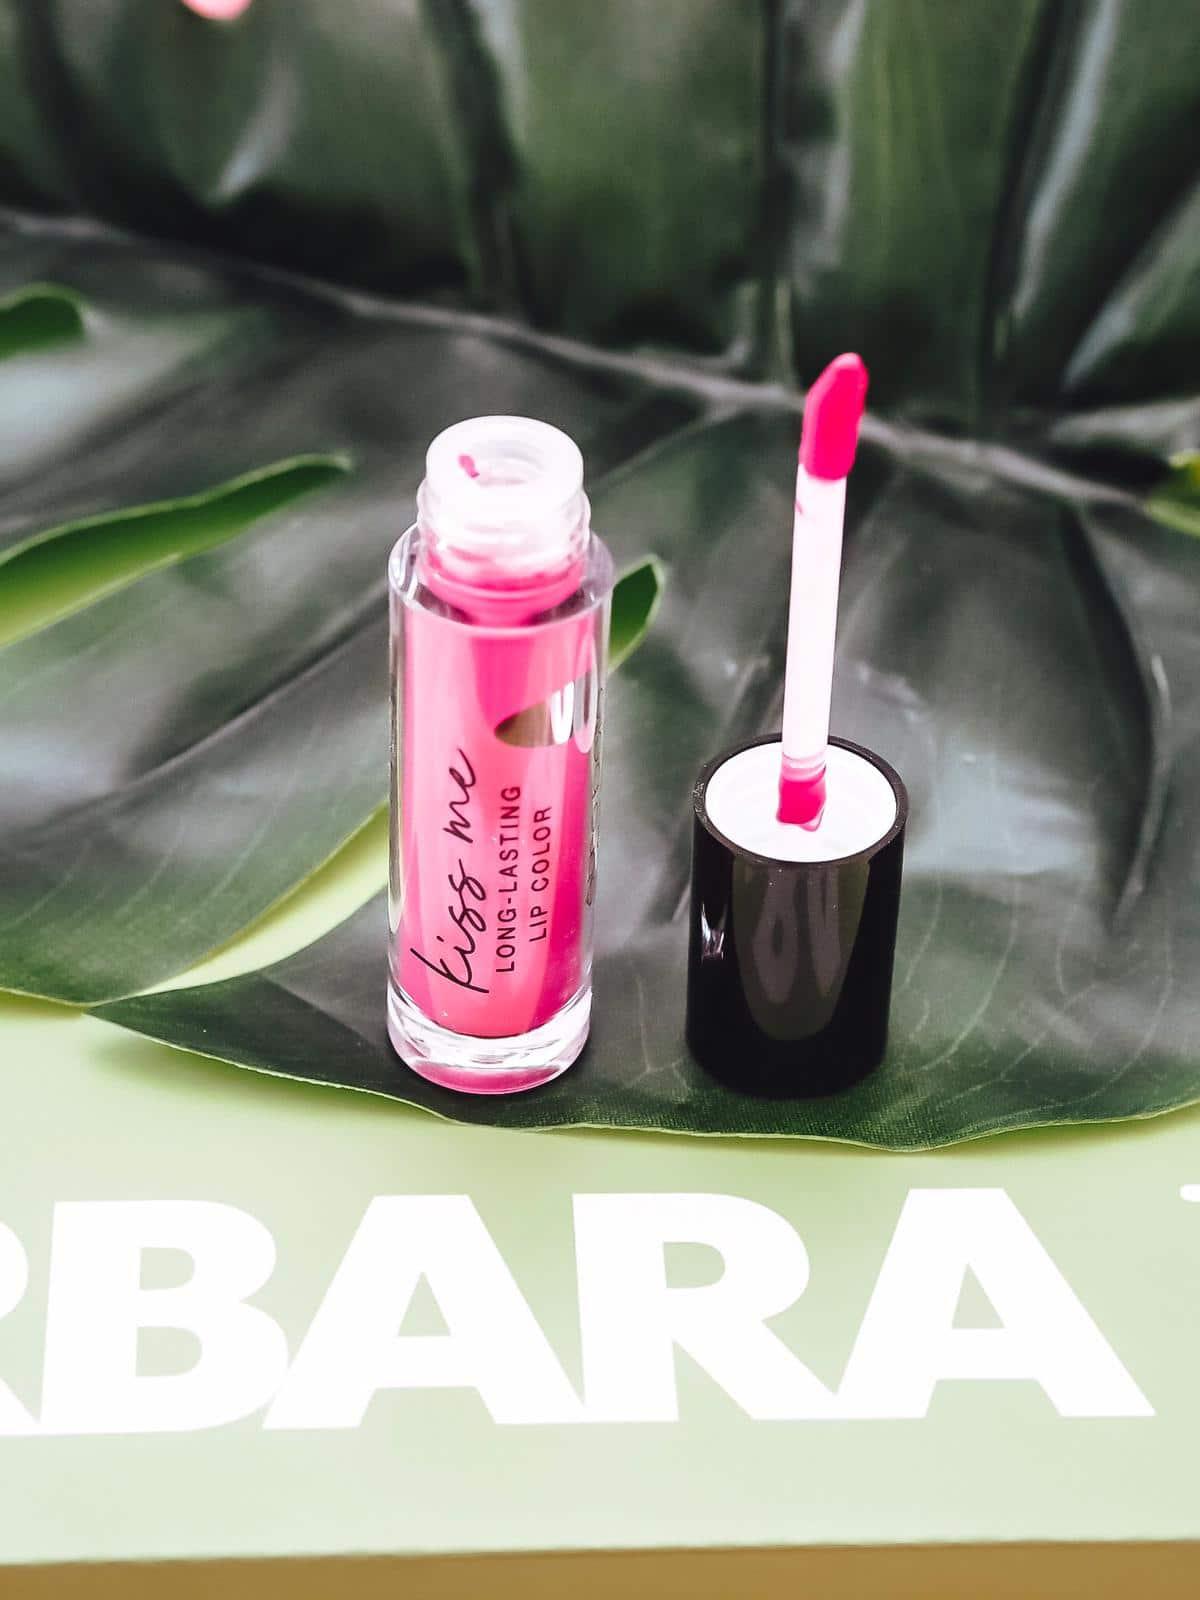 Die aktuelle Barbara Box Einen Cocktail bitte bietet eine vielfältige Produktauswahl von bspw. einem Eiscreme-Mix bis hin zu einem stylischen Lippenstift.